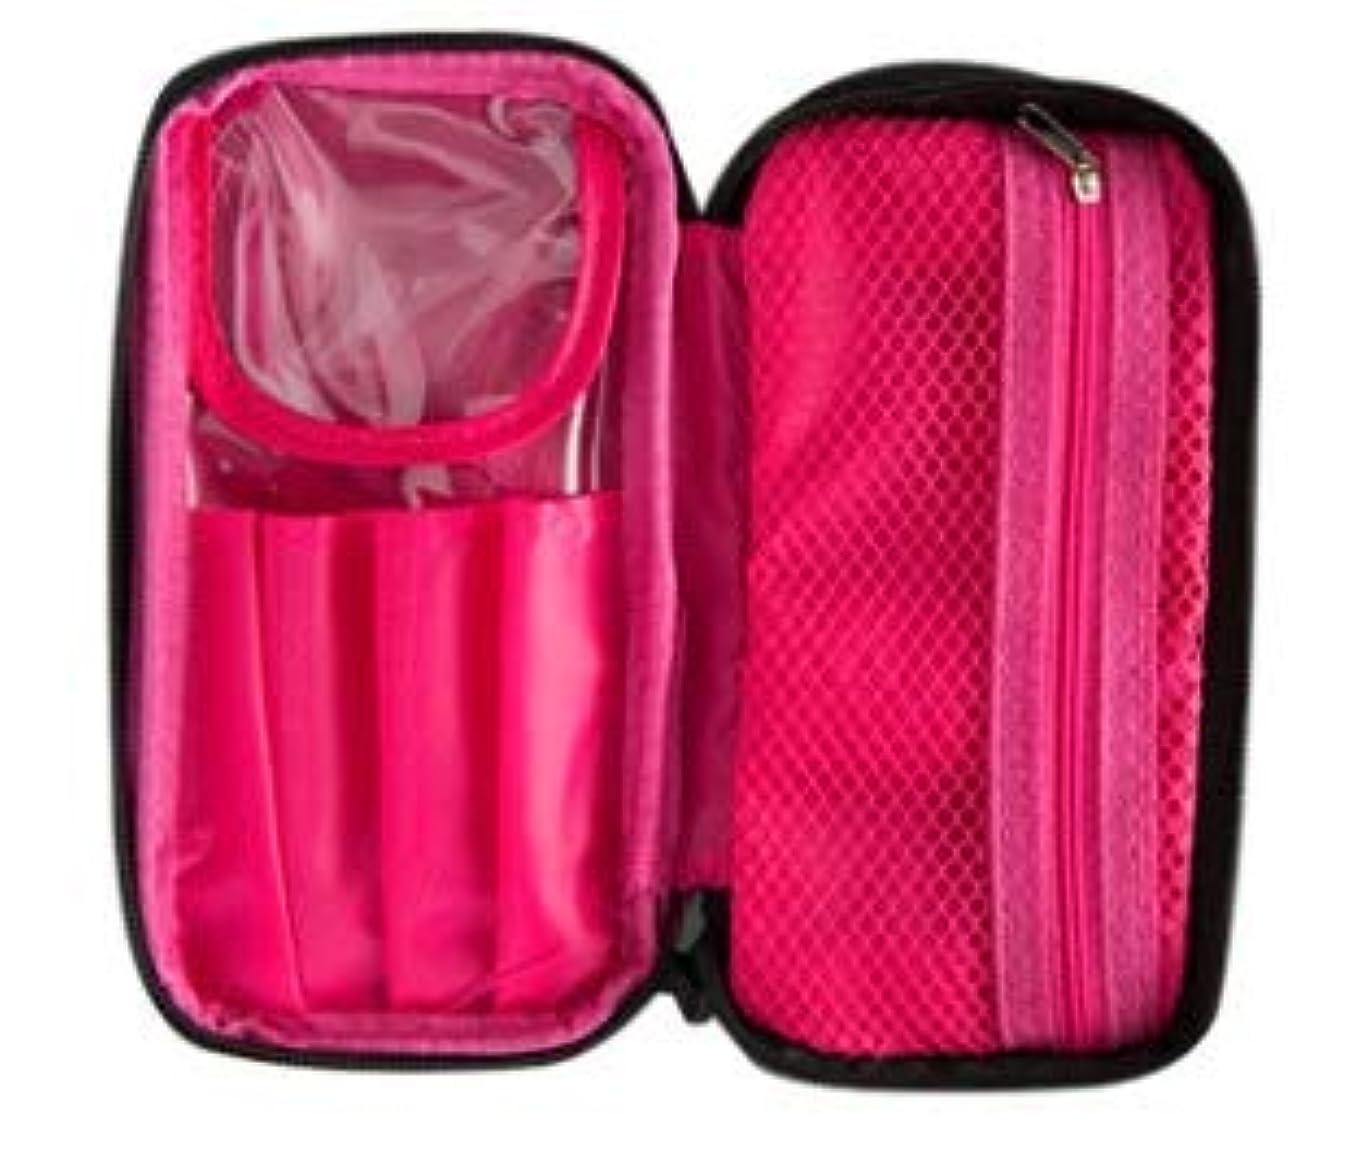 火山の商品部分的に化粧ポーチ メイクポーチ ポーチ 機能 機能的 メークポーチ 化粧 おしゃれポーチ メイク 収納 コスメ 黒 ピンク